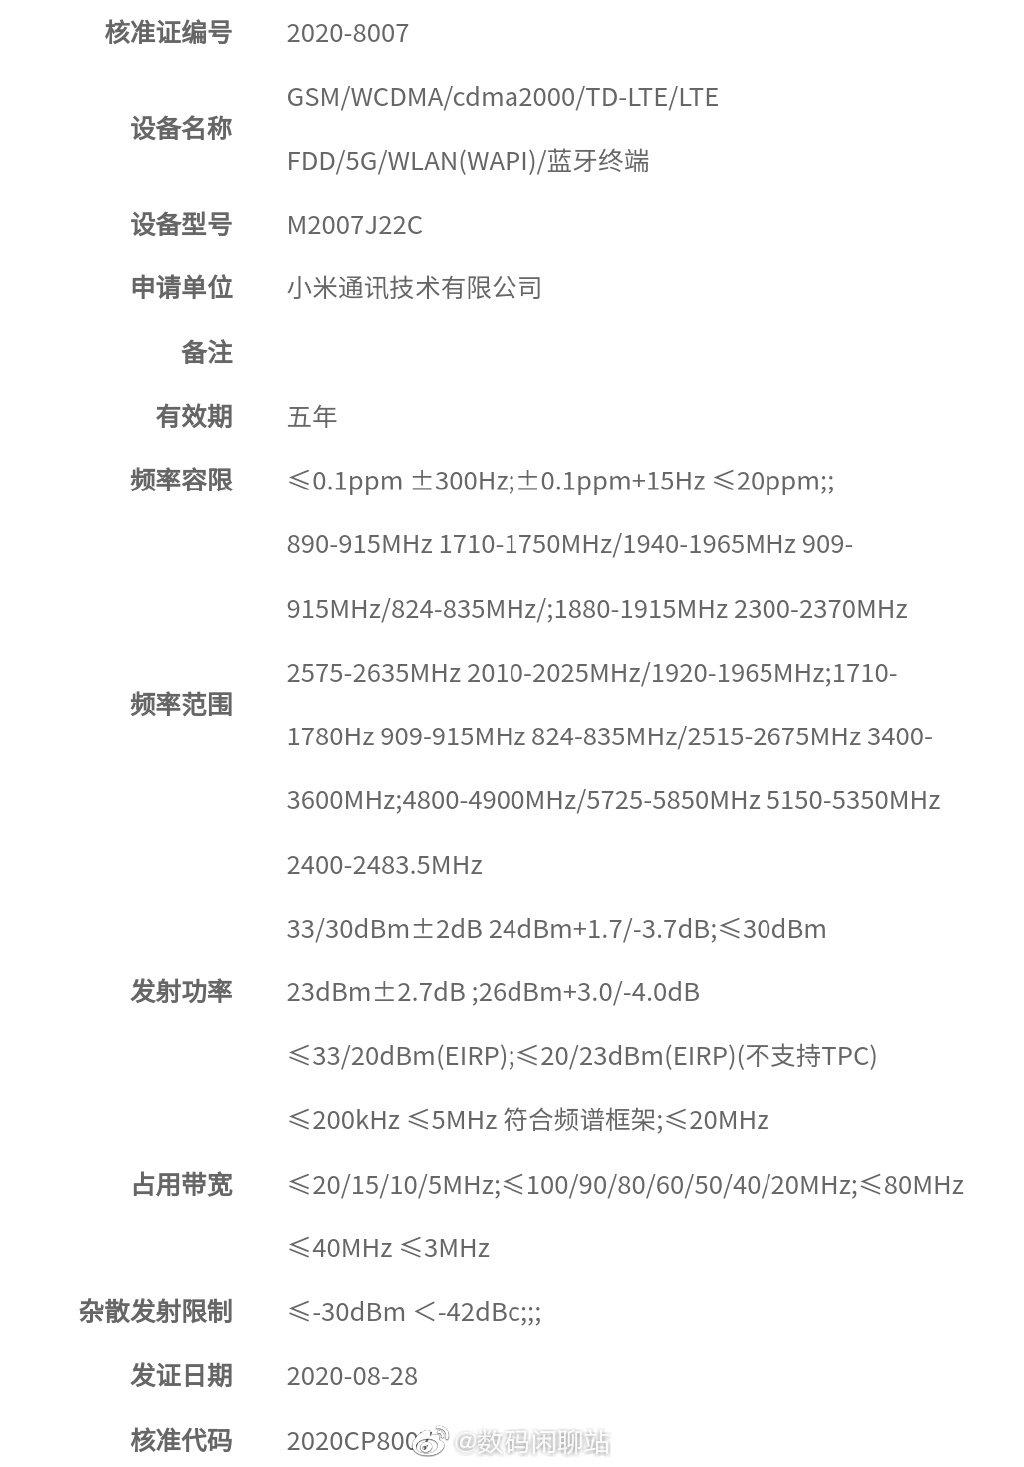 Redmi Note 10 真机照曝光:单孔屏 + 后置三摄 - 热点资讯 专题图文 第1张